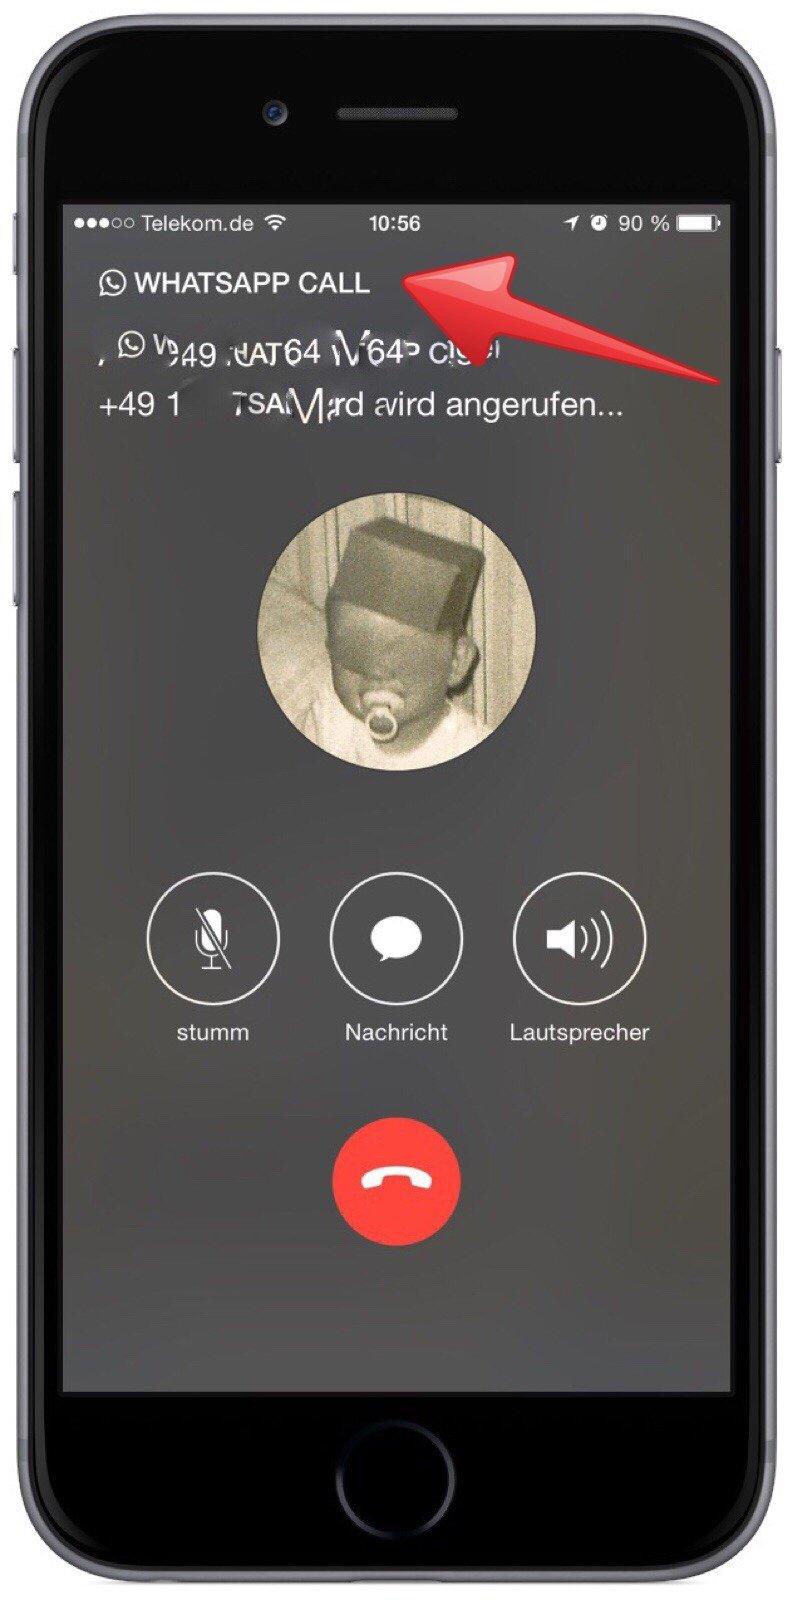 WHATSAPP RUNTERLADEN IPHONE KOSTENLOS